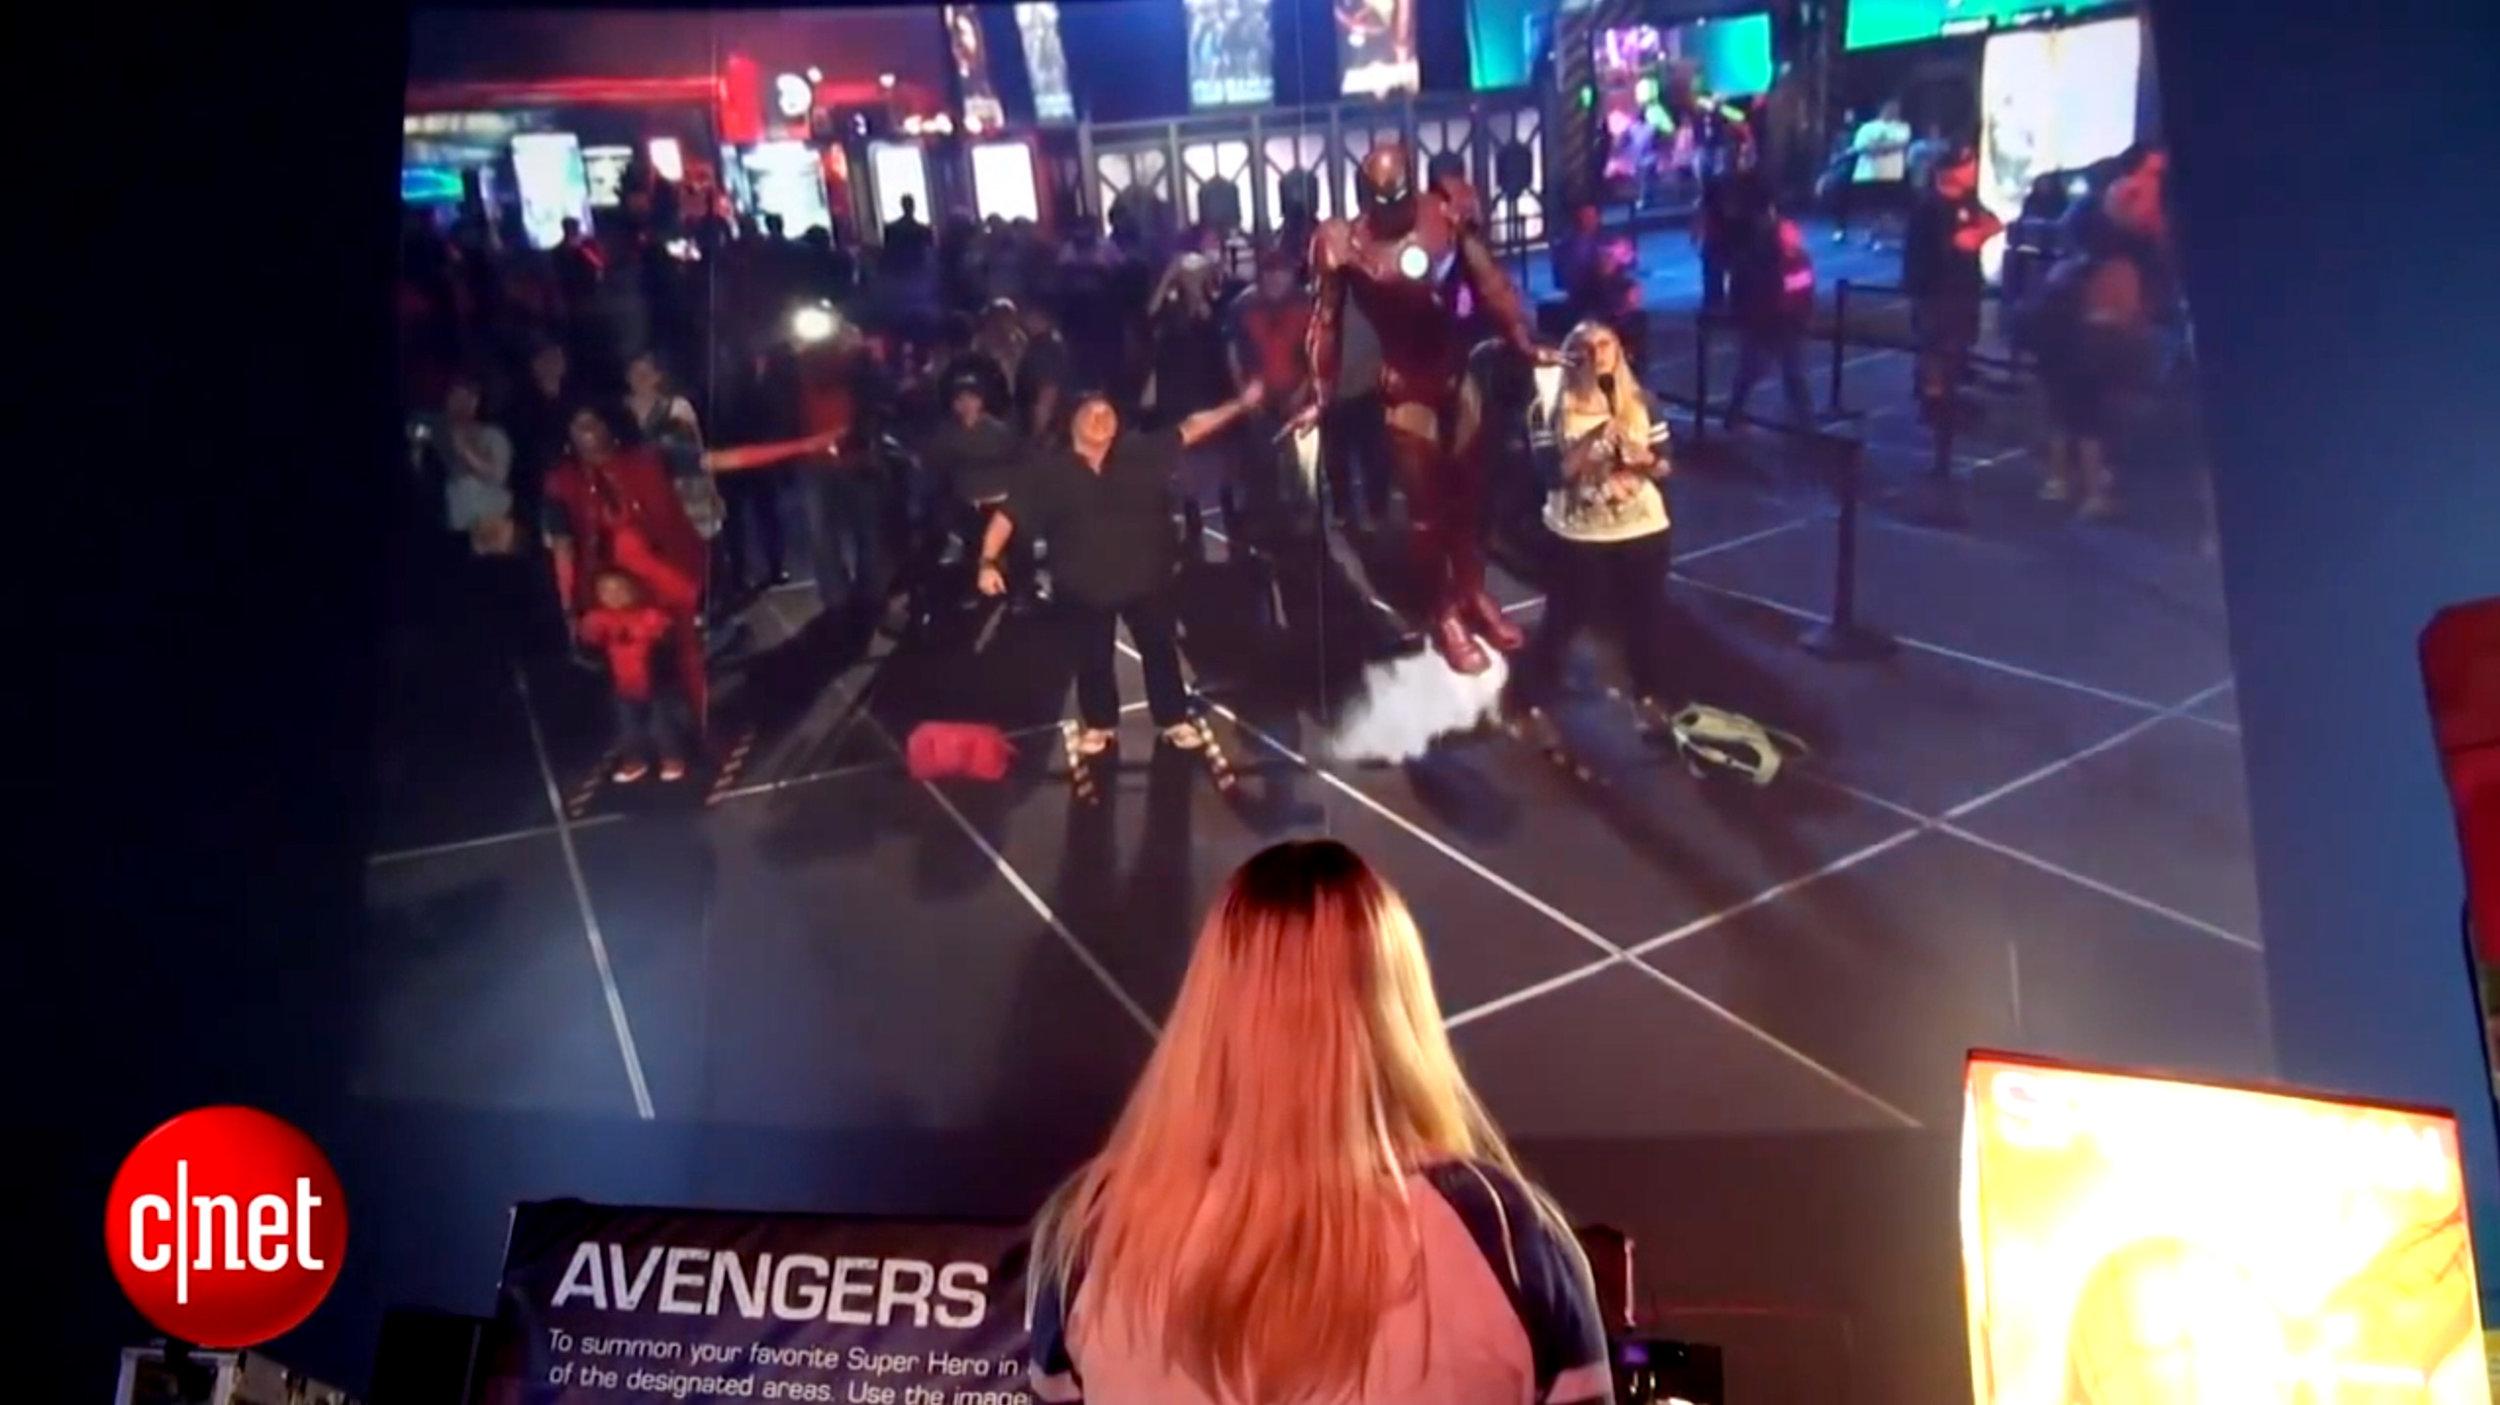 Marvel Studio - Avenger's Wall